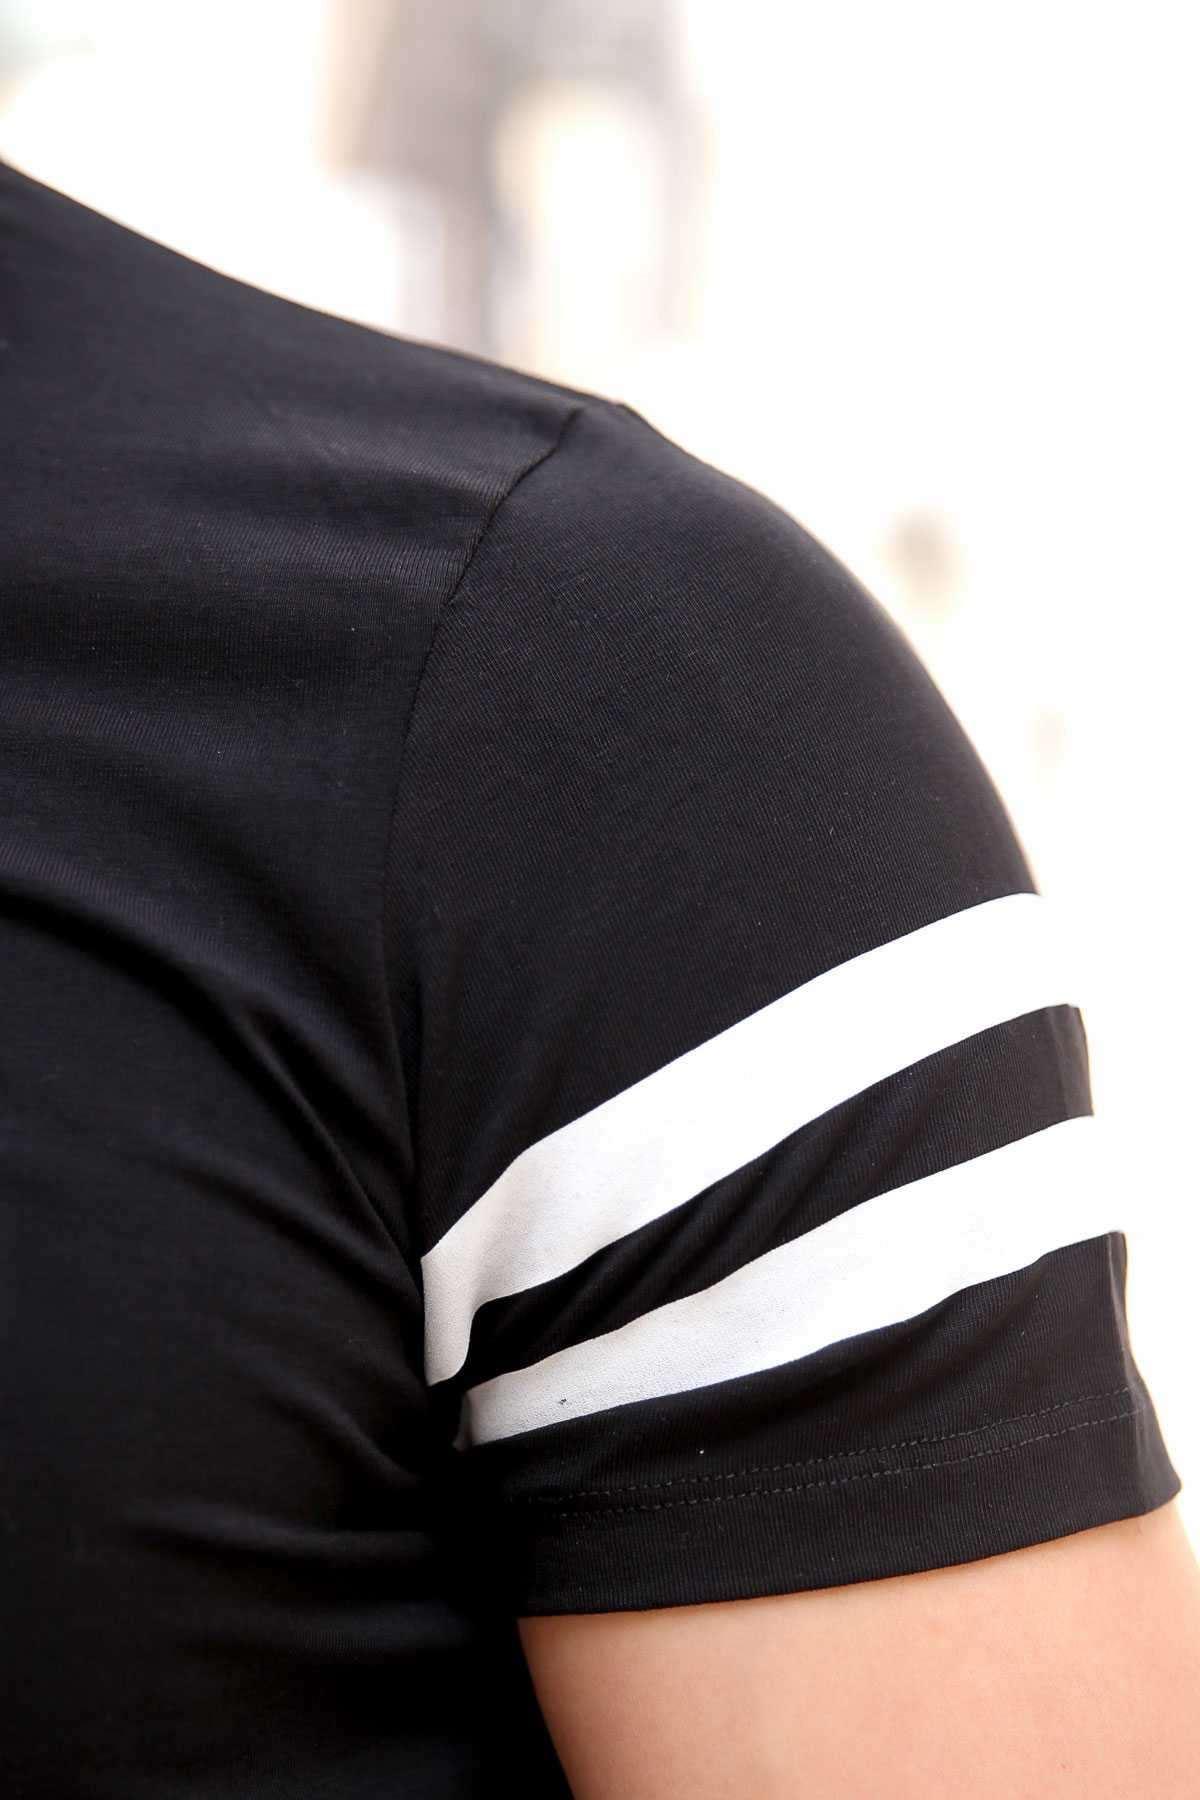 Kabartma Original Yazılı Boucuklu Kol Şeritli Slim Fit Tişört Siyah